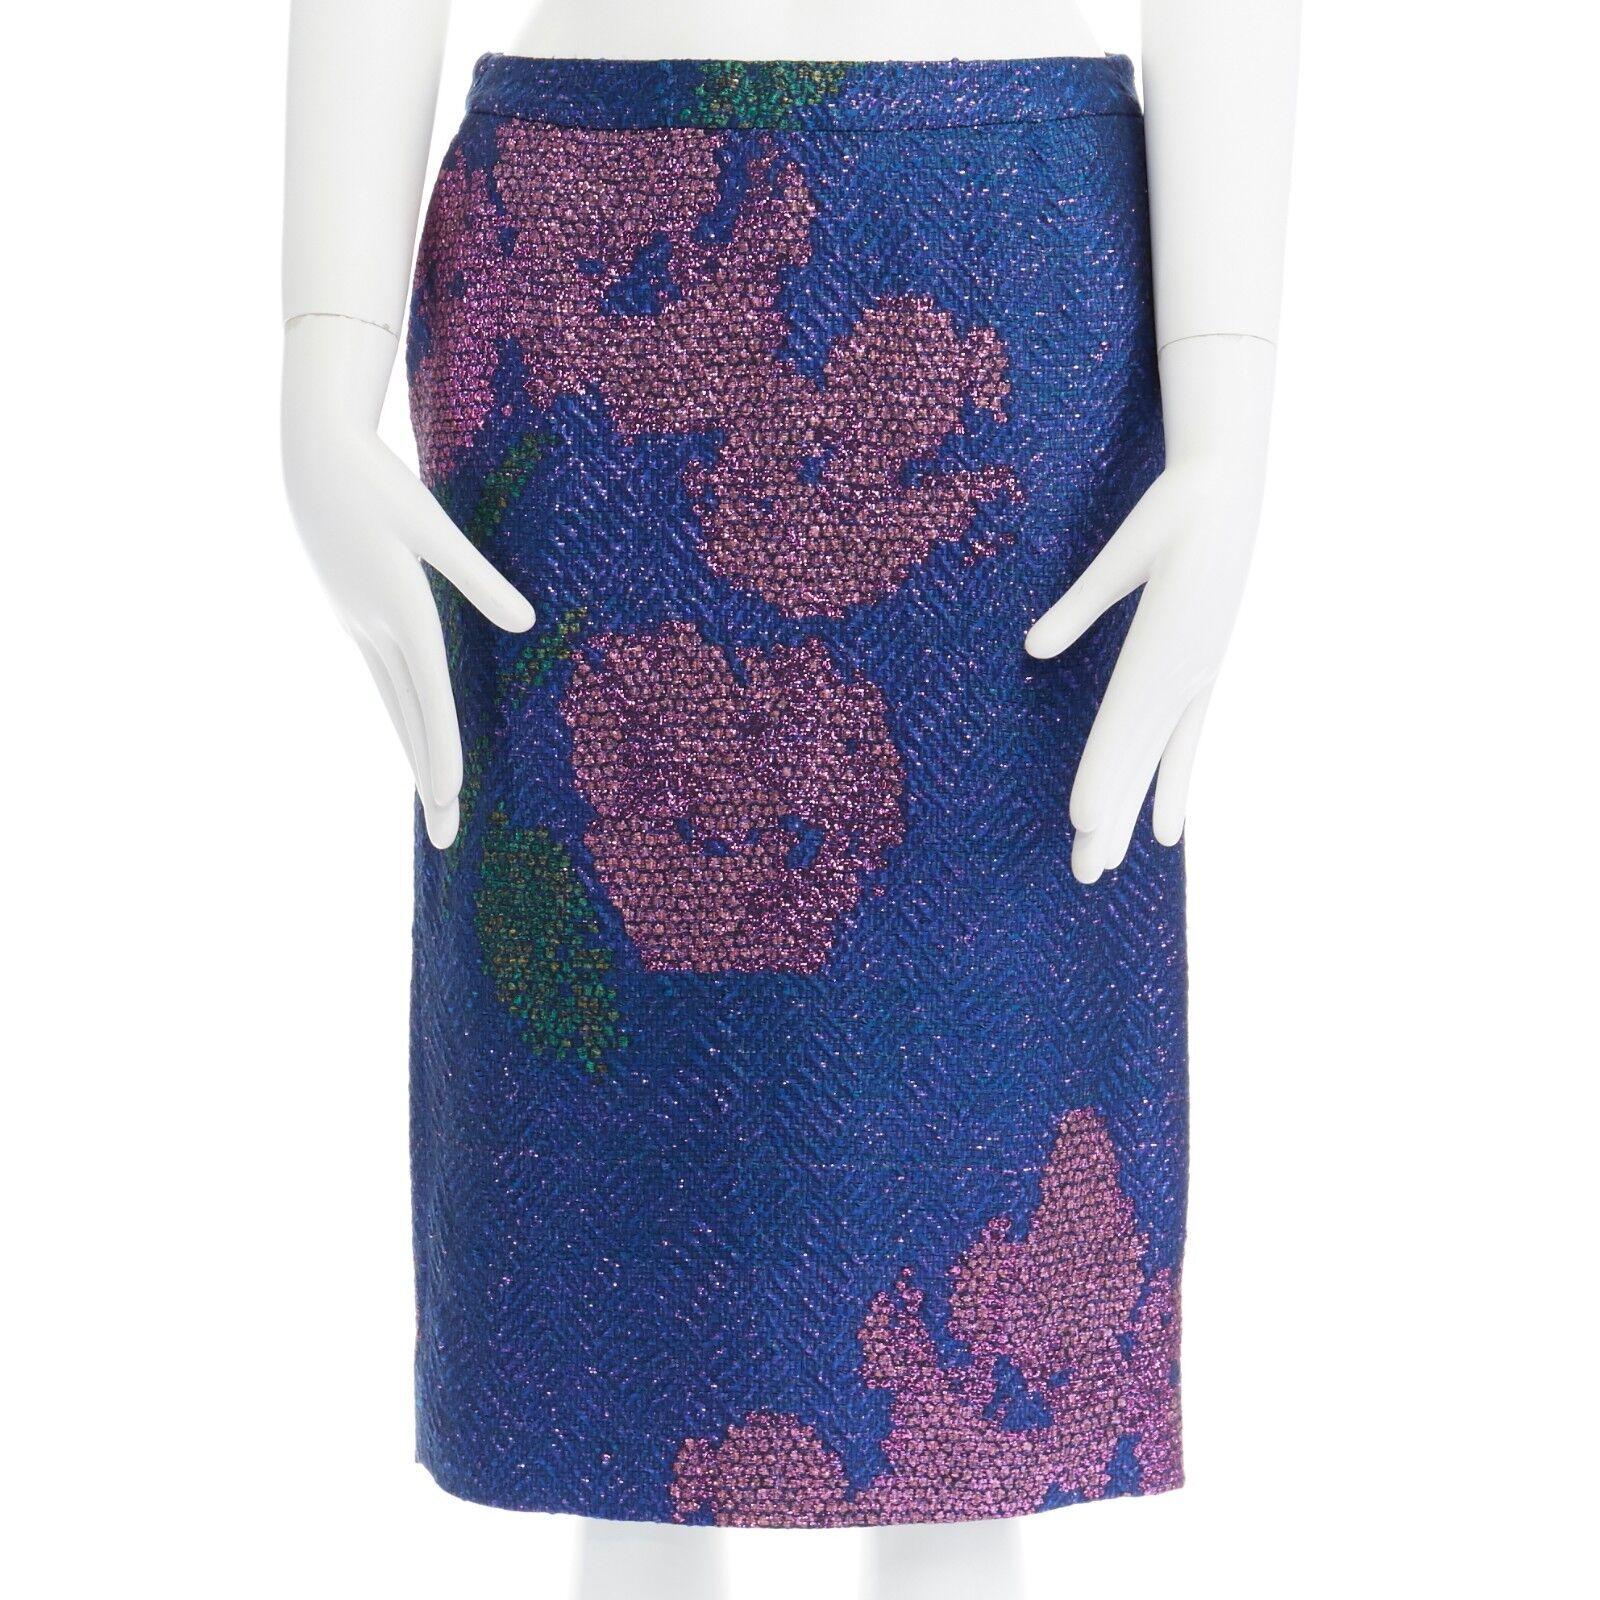 New DRIES VAN NOTEN SS15 metallic bluee pink floral chevron pencil skirt FR36 28